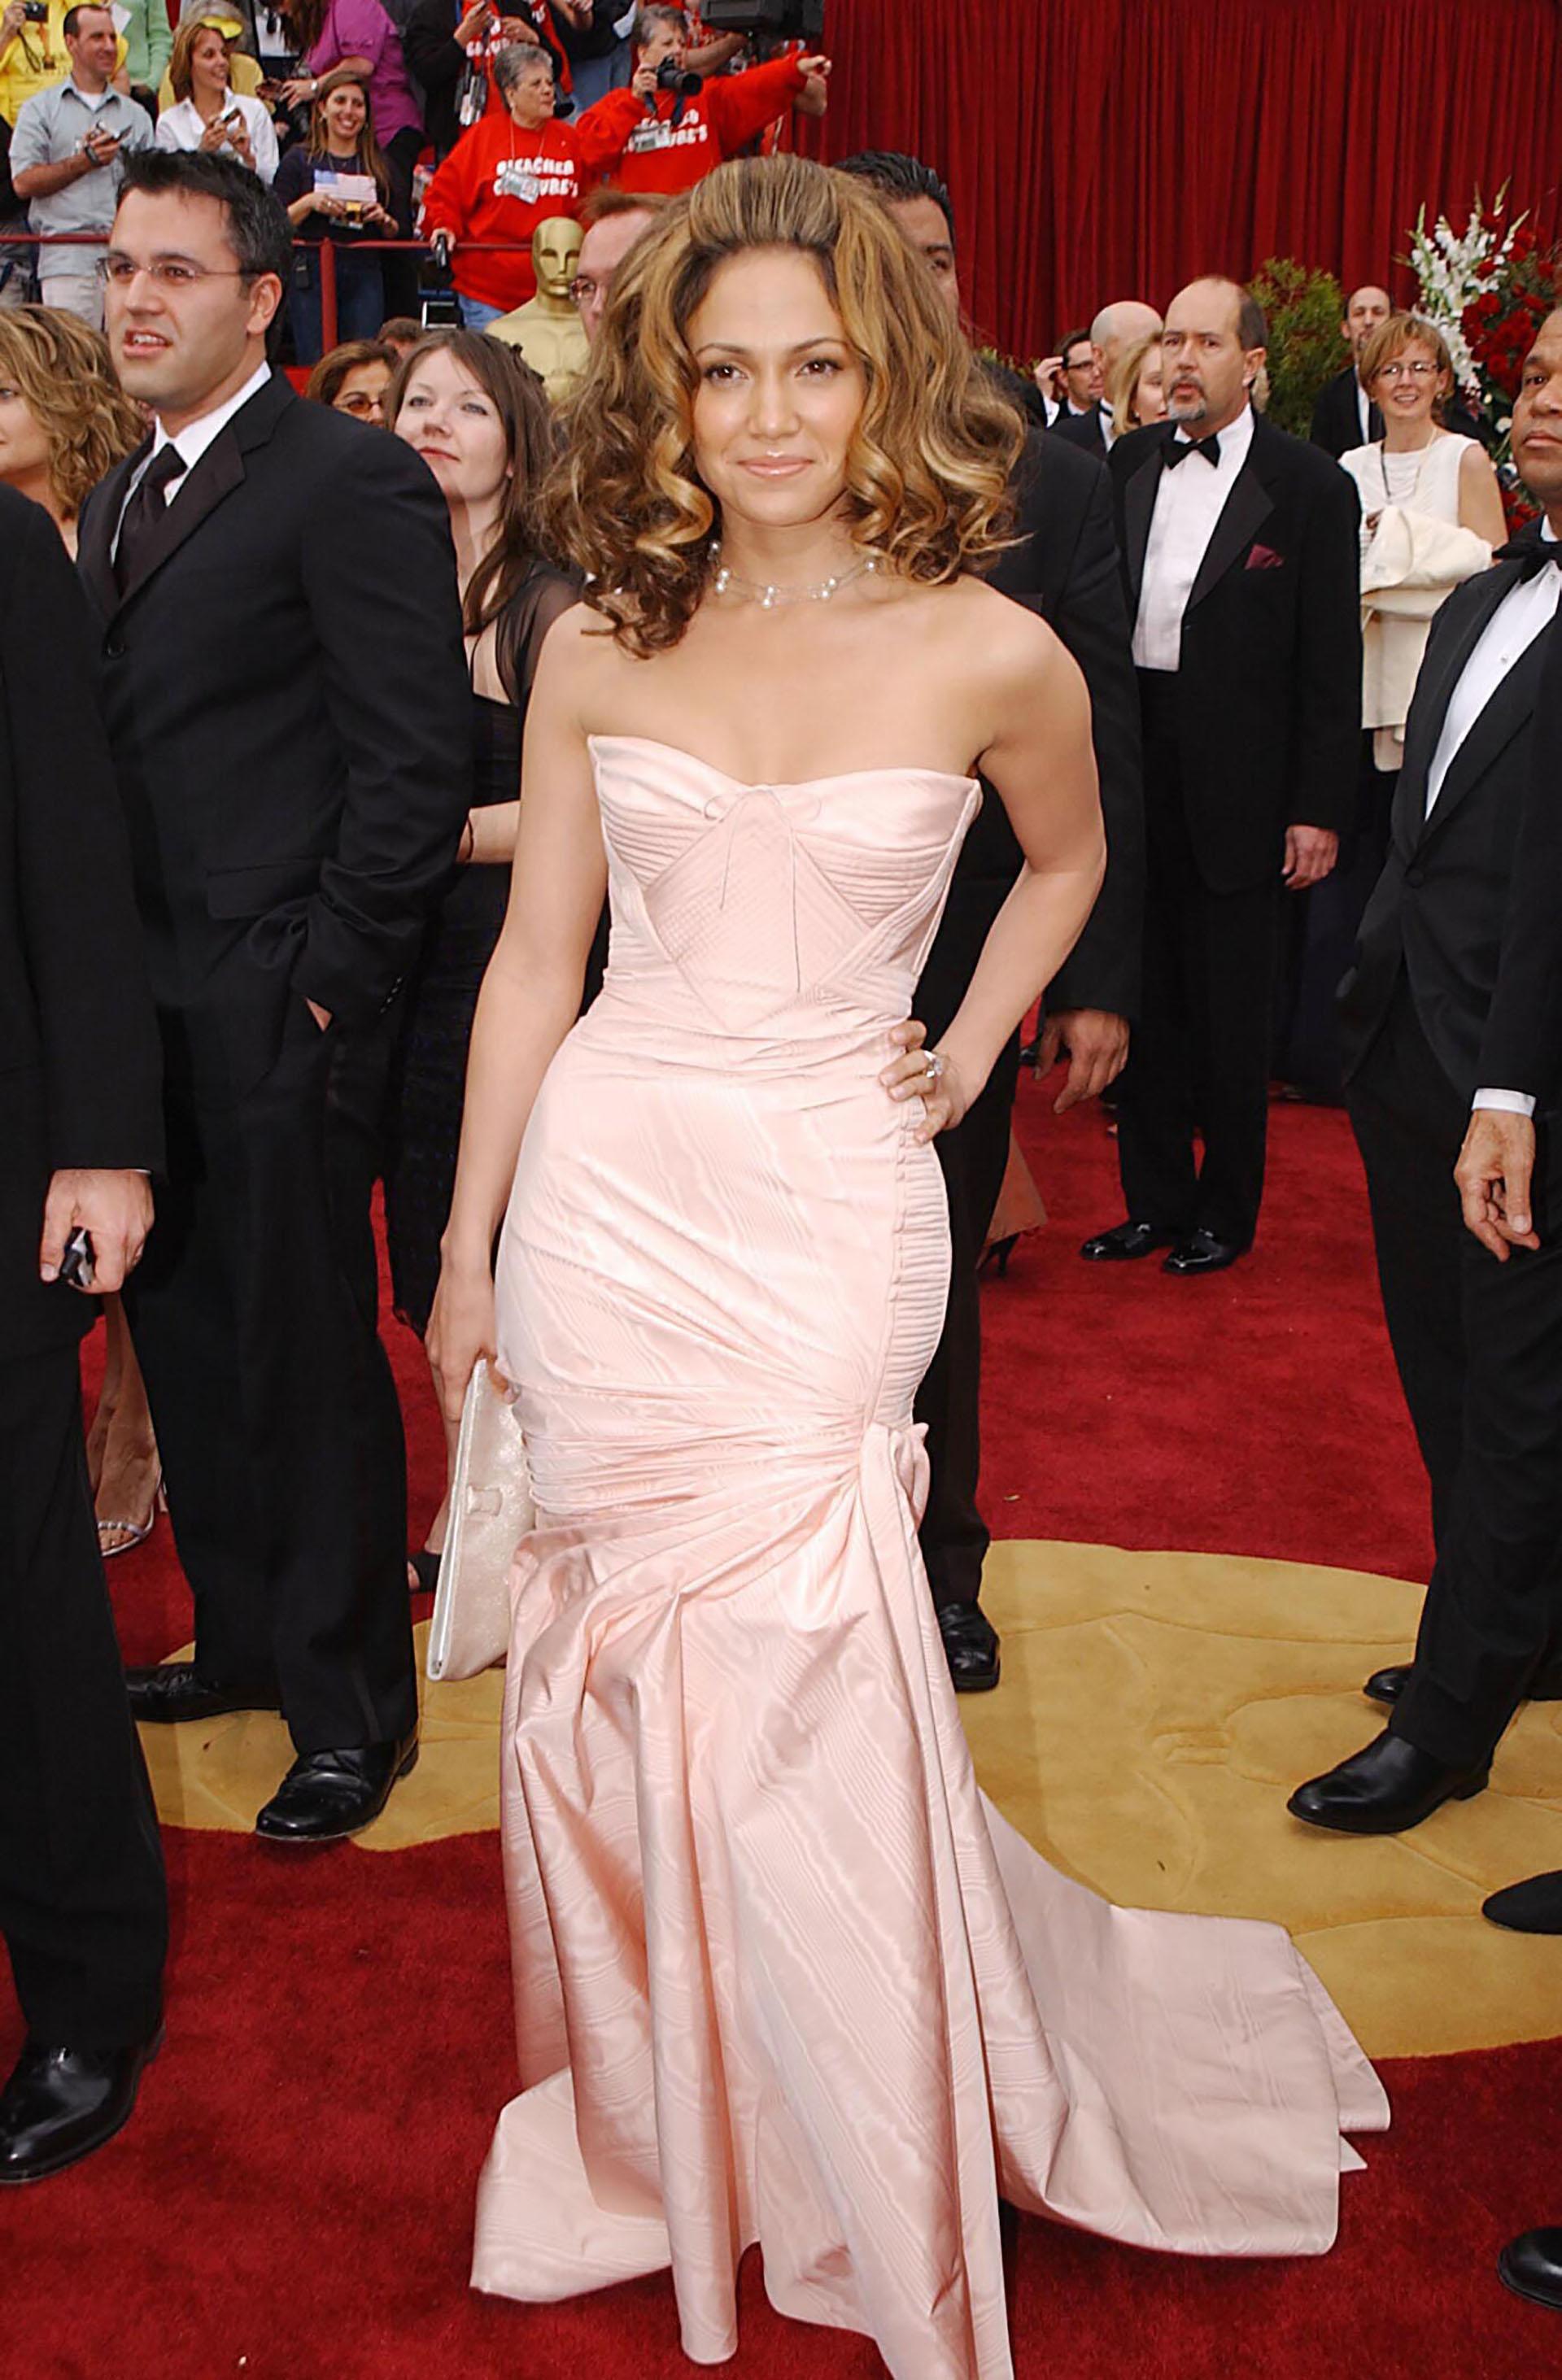 في عام 2002، ارتدت الممثلة والمغنية جنيفر لوبيز فستان الساتان فيرساتشي، ولكن شعرها أخذ كل الأضواء